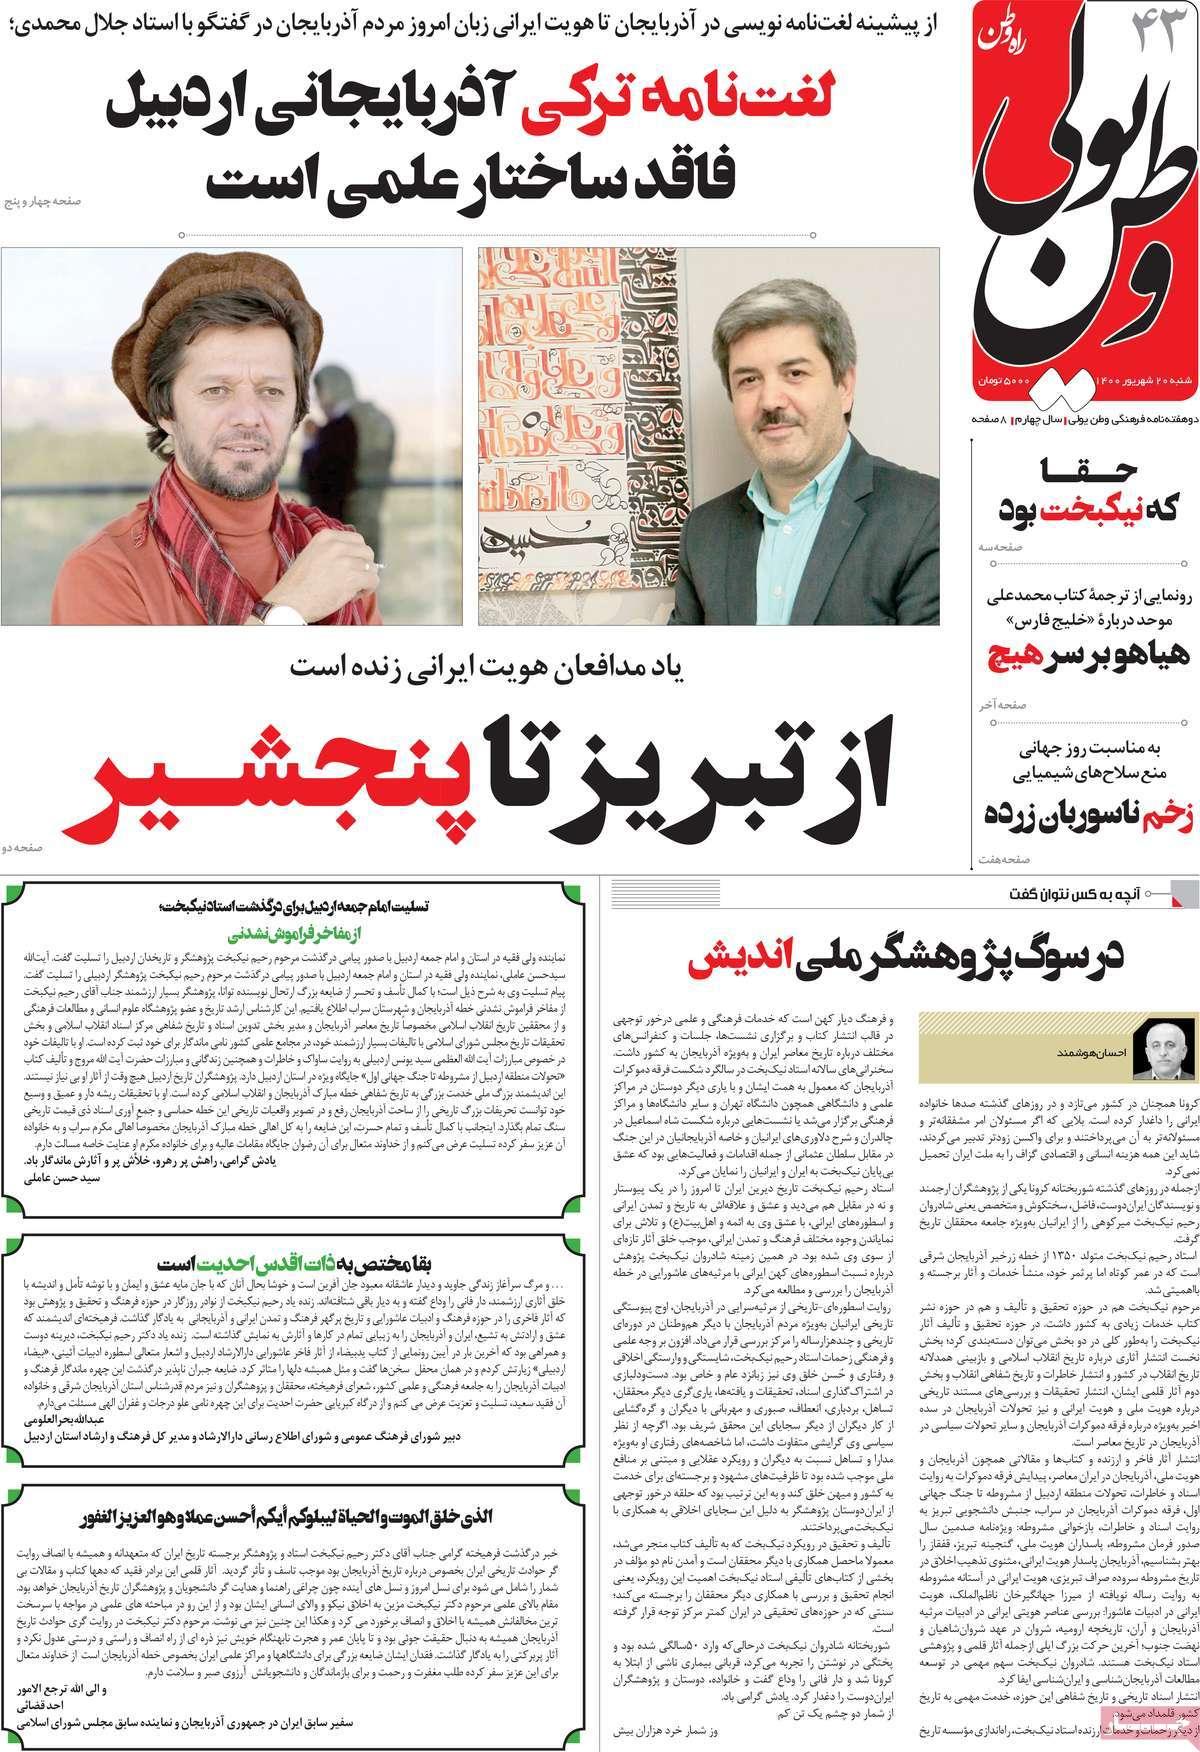 صفحه نخست مجله وطن یولی - شنبه, ۲۰ شهریور ۱۴۰۰